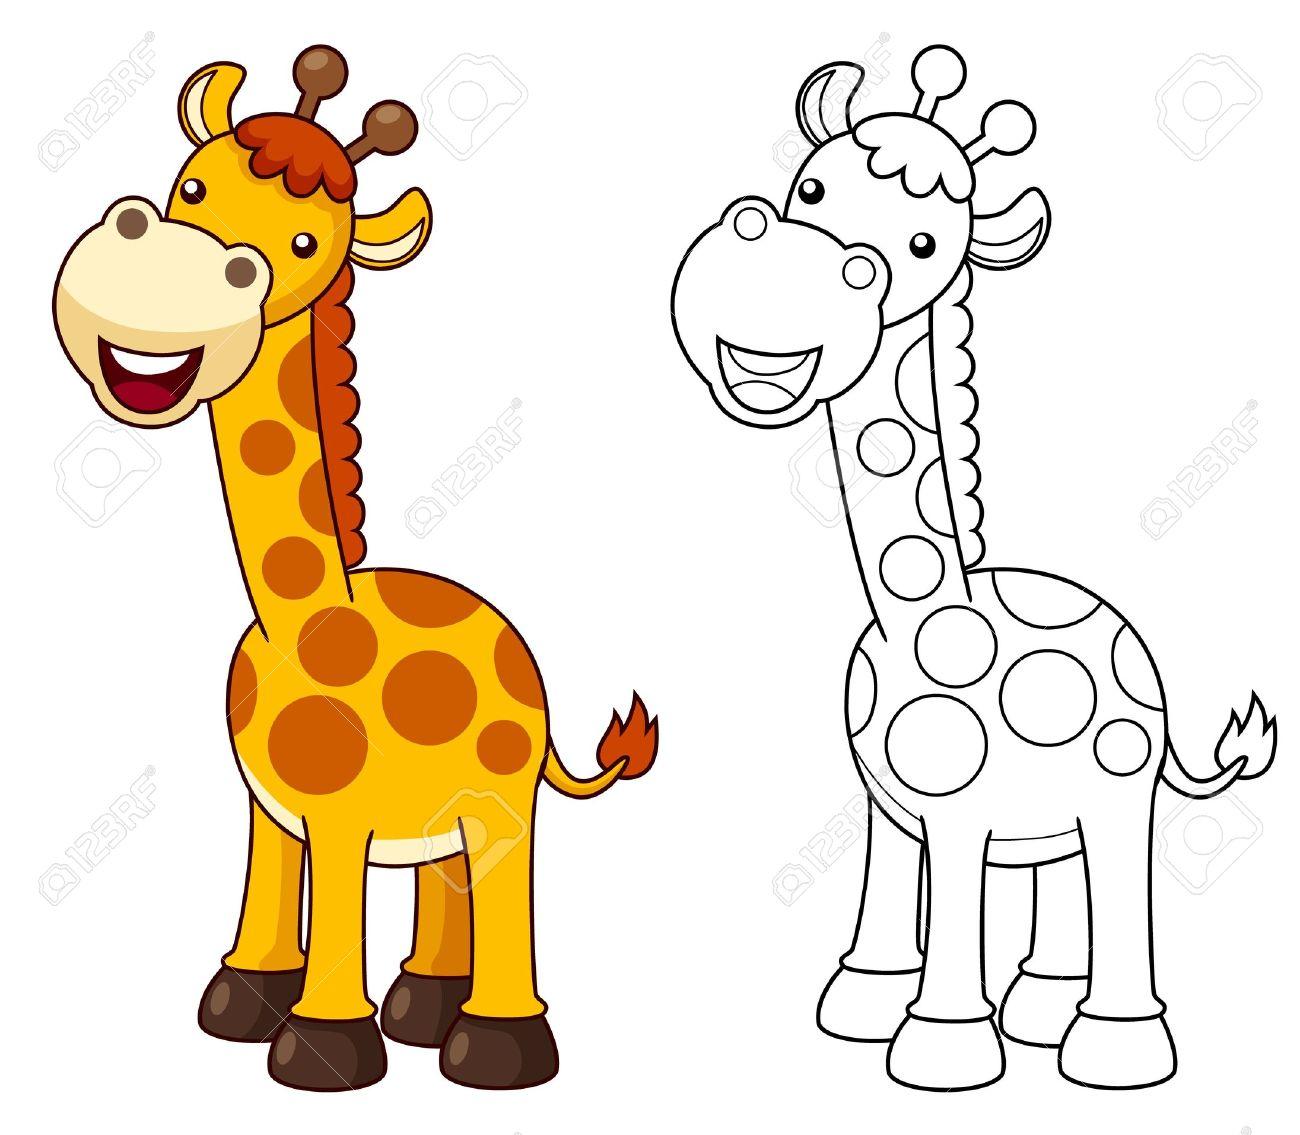 illustration of cartoon giraffe vector royalty free cliparts